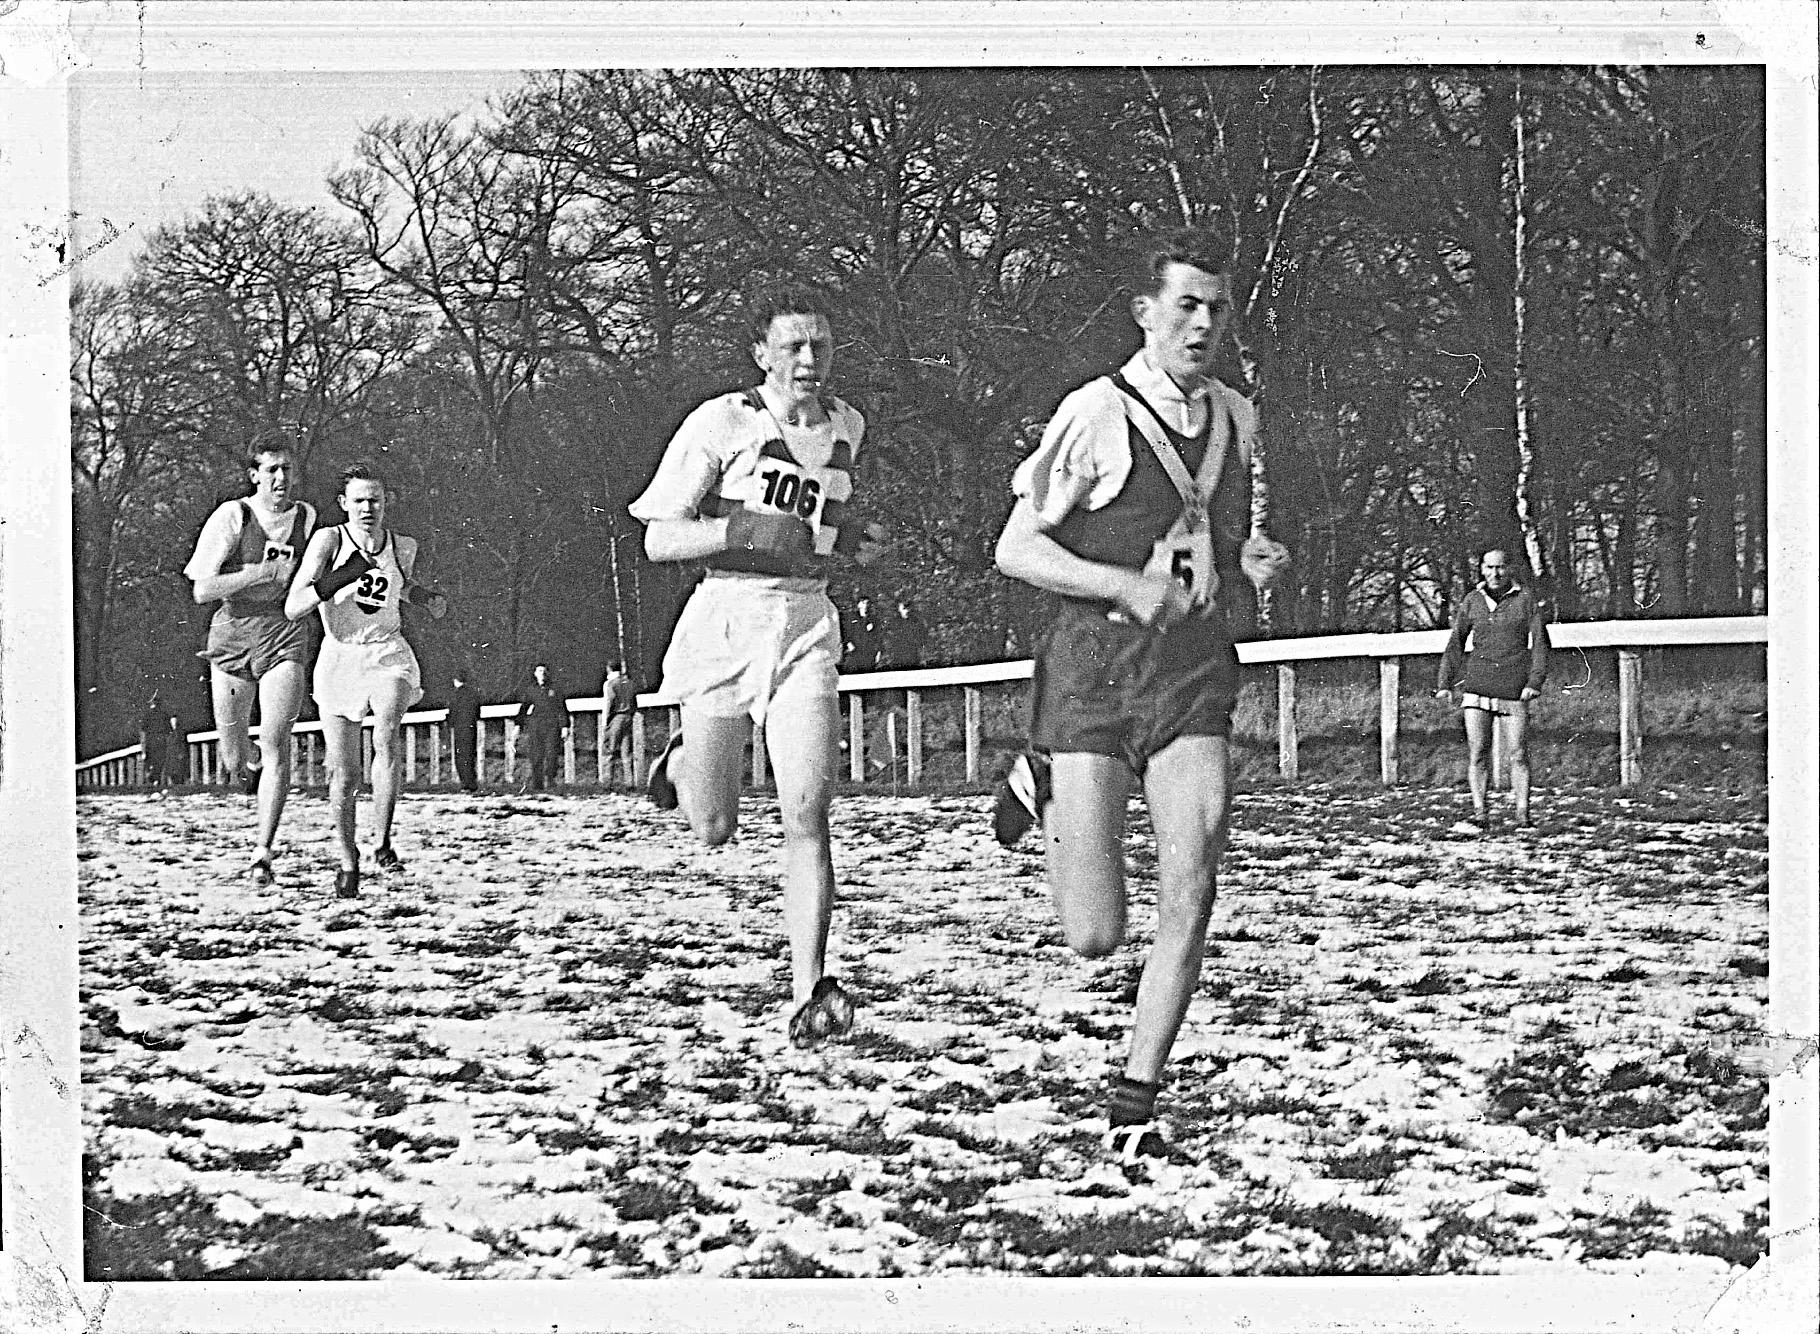 bill-goodwin-scottish-championships-hamilton-1955-half-way